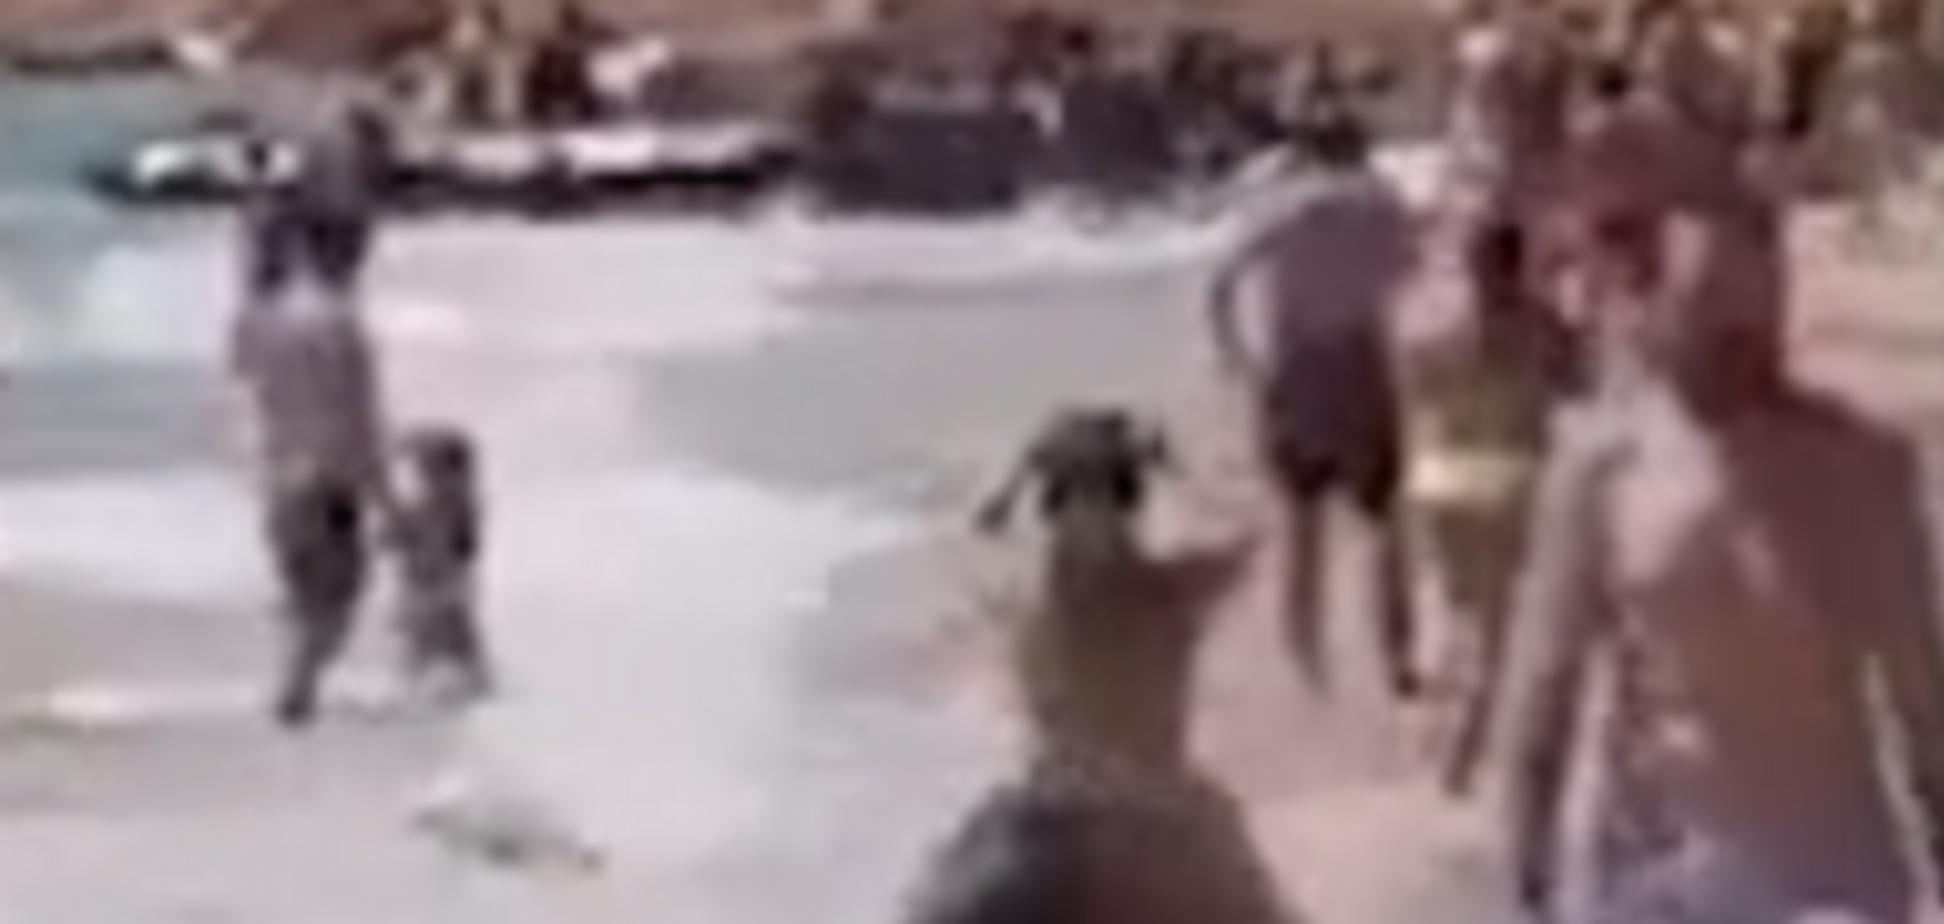 Натовп нелегалів 'взяв штурмом' пляж в Іспанії: опубліковано відео